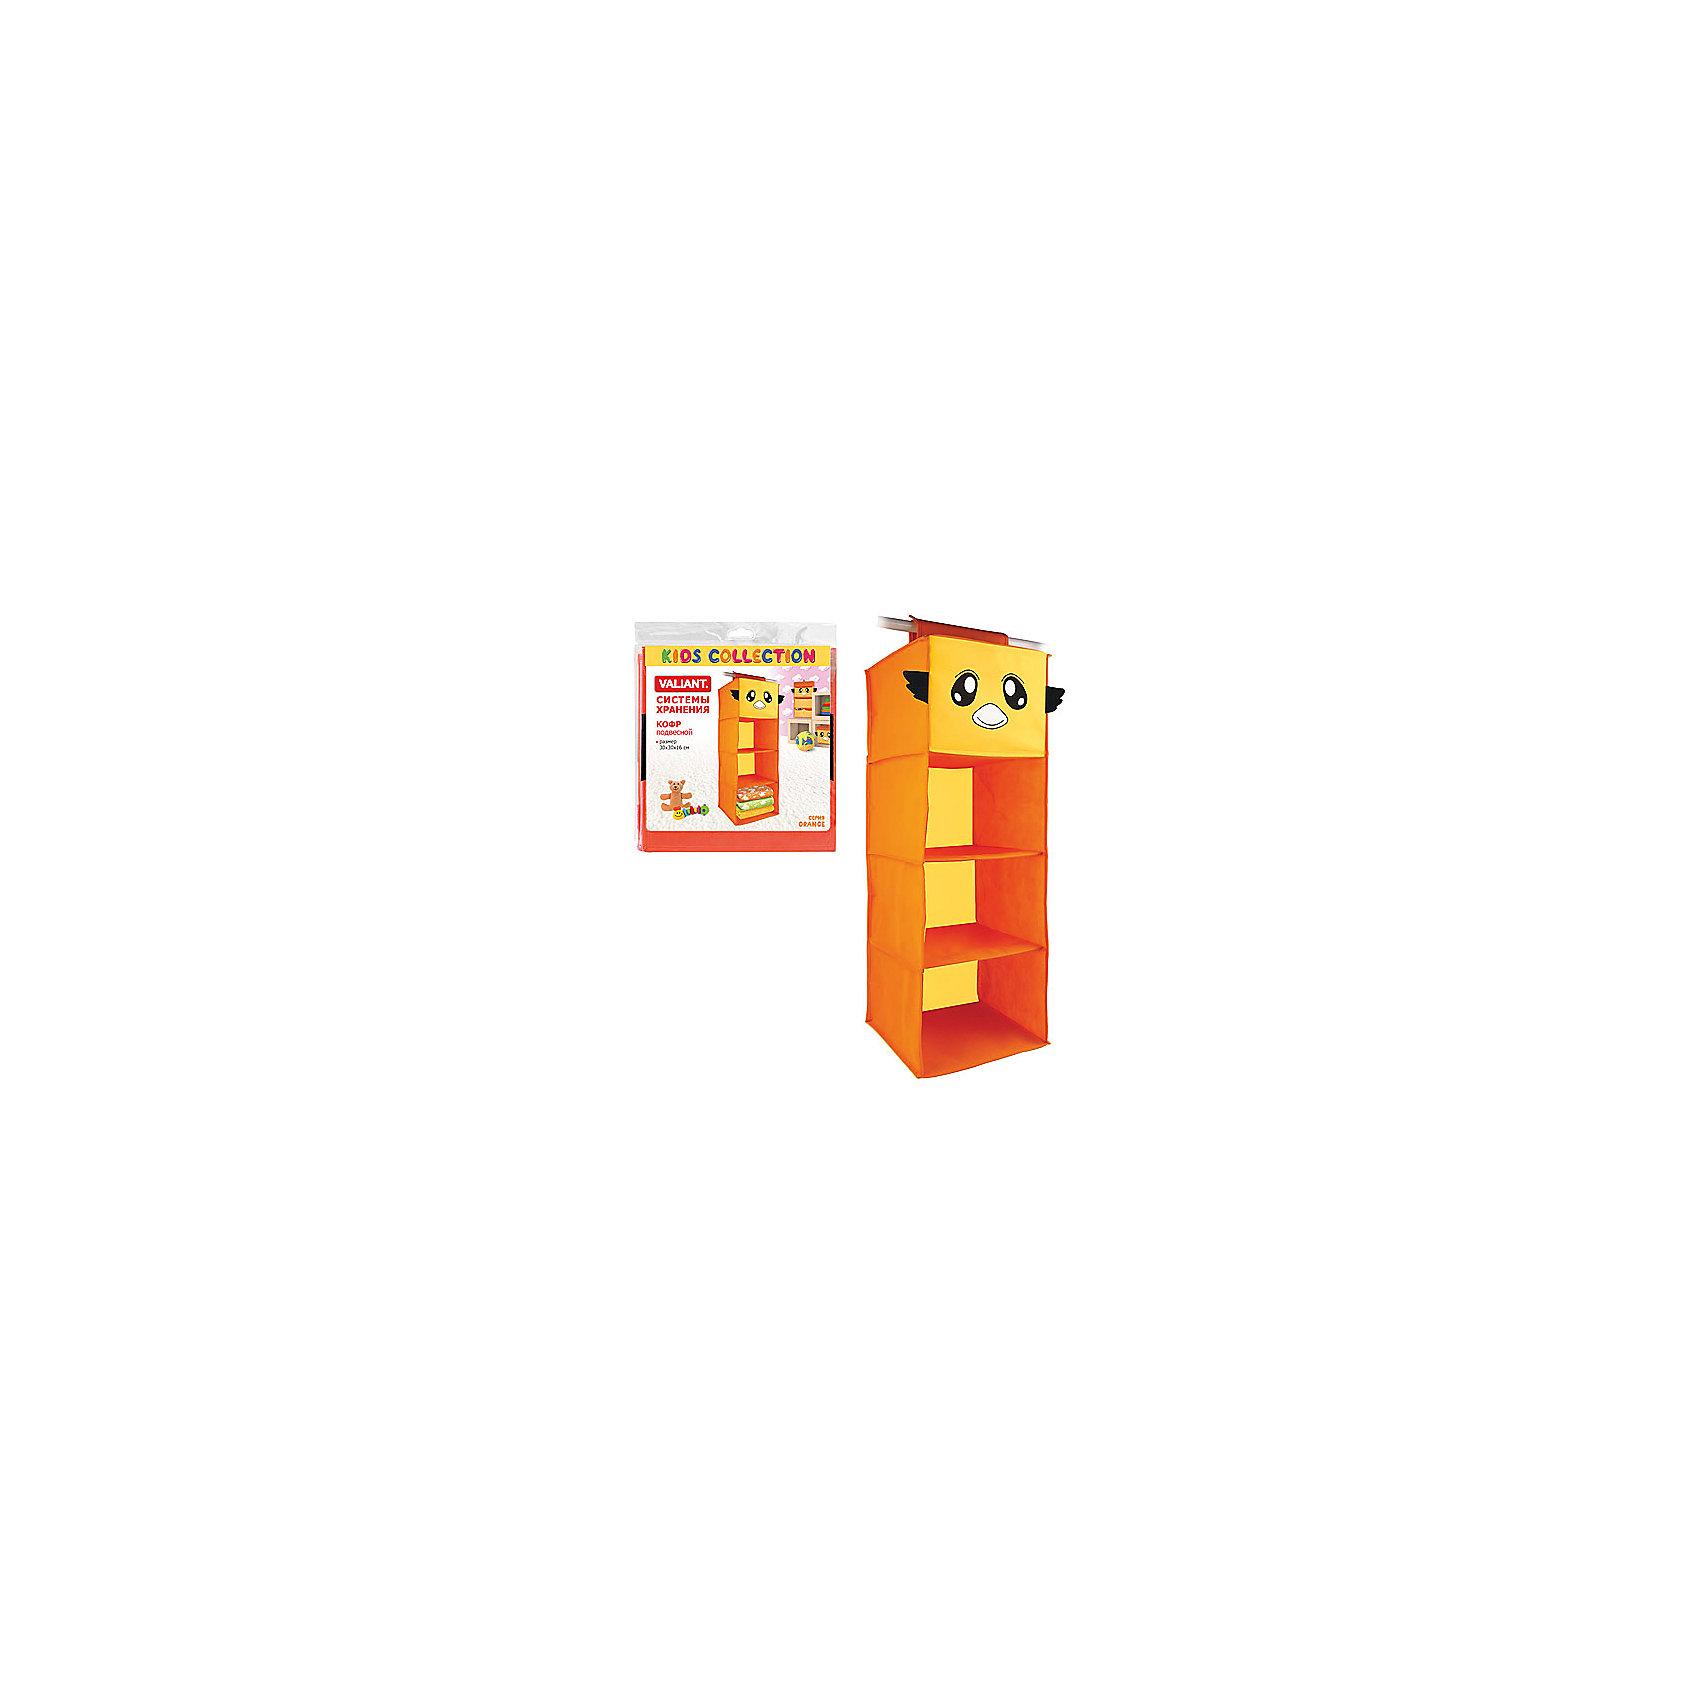 VALIANT Оранжевый подвесной кофр 30*30*84 см, 4 полки кофр подвесной 30 30 100 см соты зеленый 5 секций 1133049